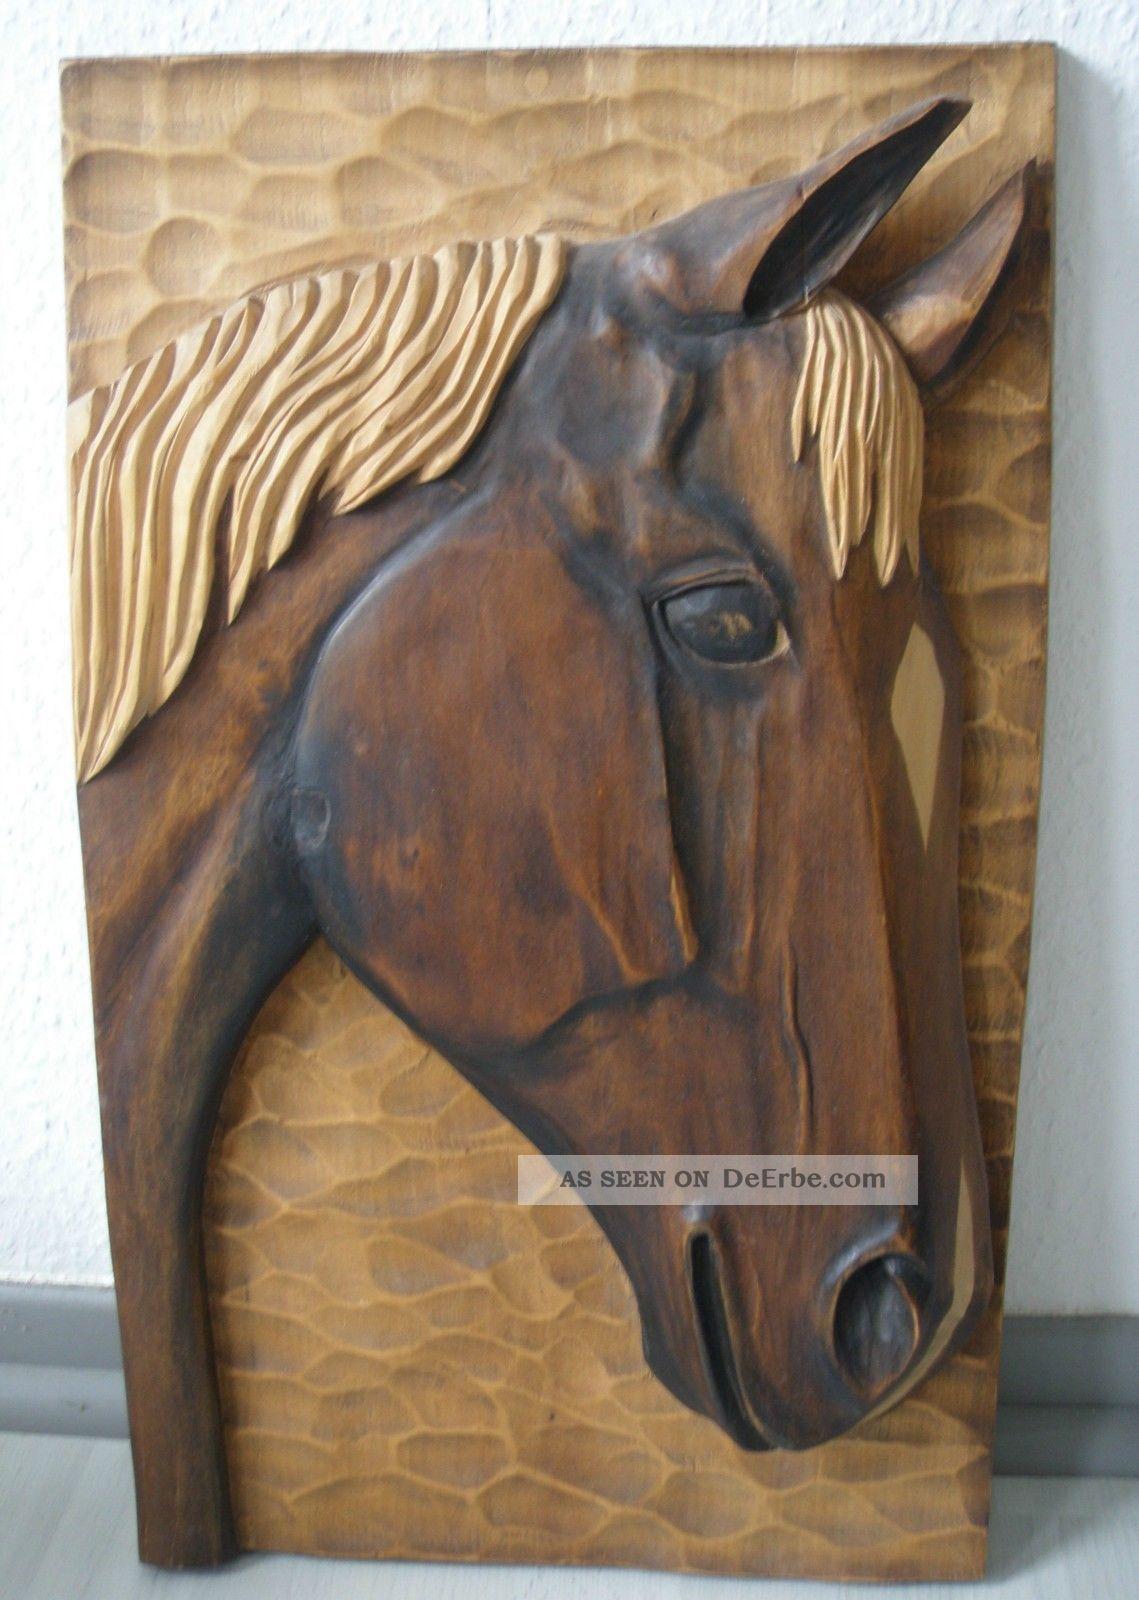 pferdekopf relief aus holz handgeschnitzt pferd bild pferdebild. Black Bedroom Furniture Sets. Home Design Ideas